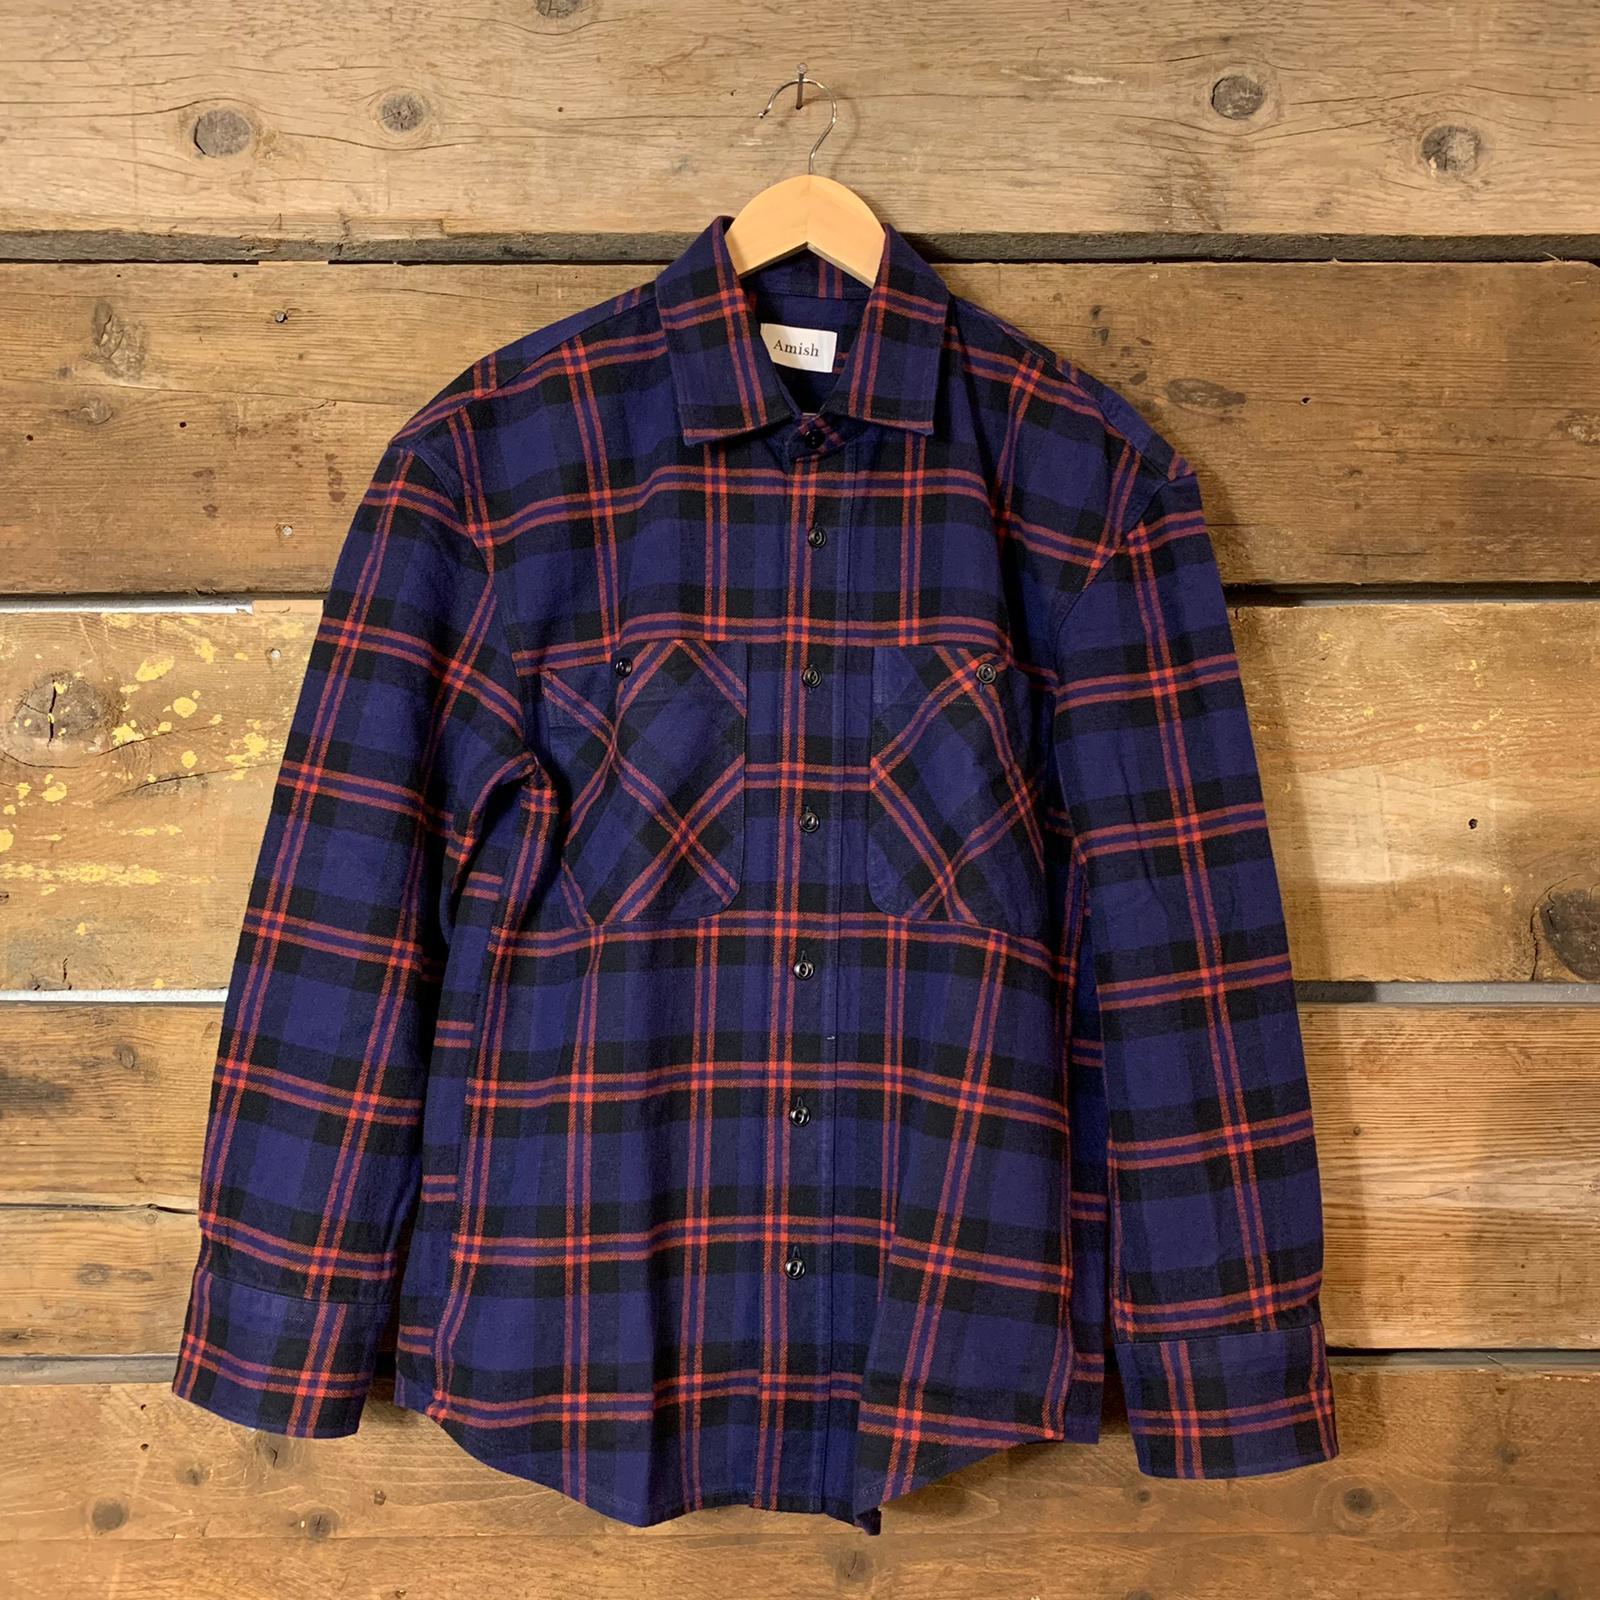 Camicia Amish Supplies Donna Oversize in Flanella a Quadri Viola